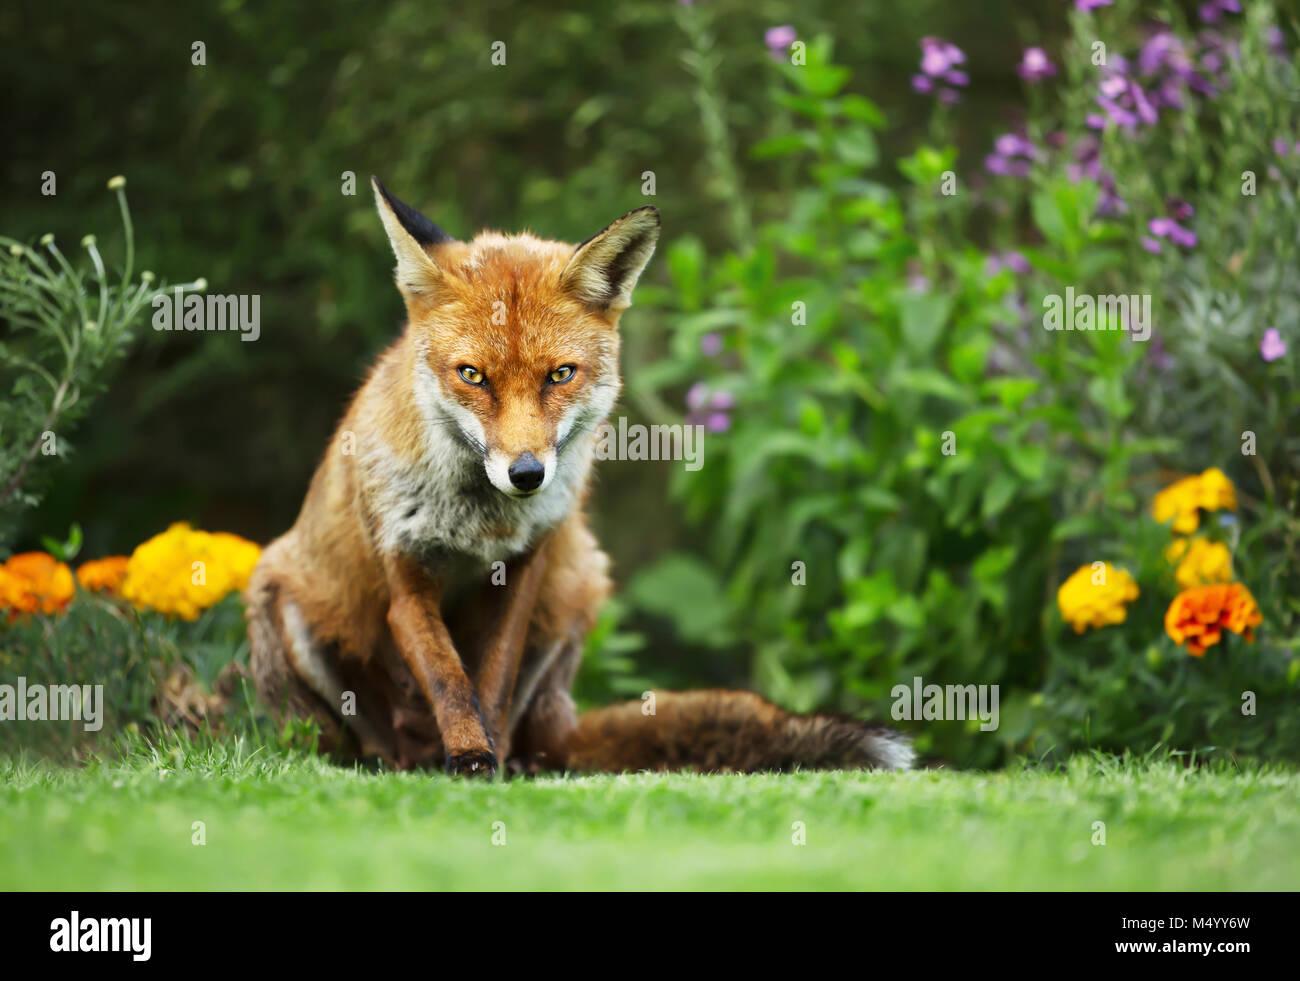 Nahaufnahme einer roten Fuchs im Garten mit Blumen, Sommer in Großbritannien. Stockbild